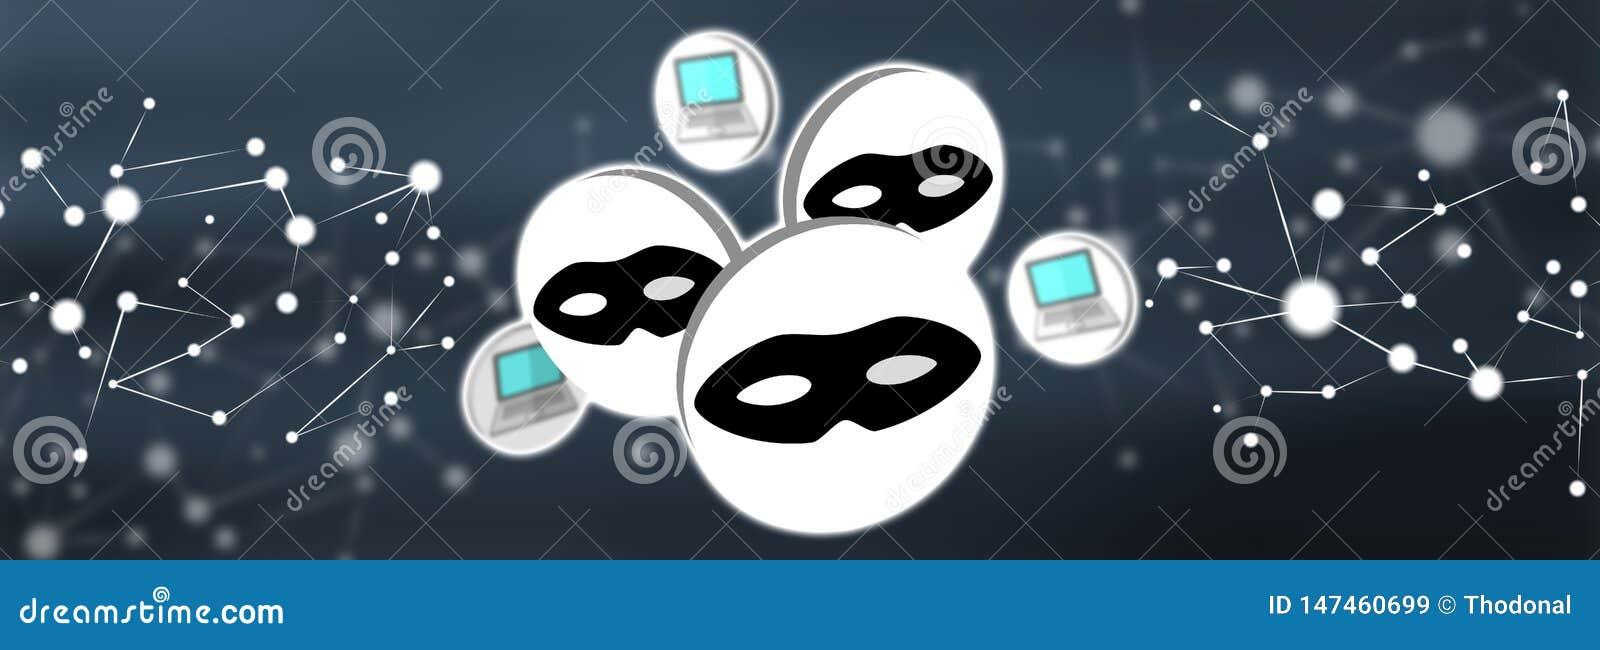 Concepto de ataque cibern?tico